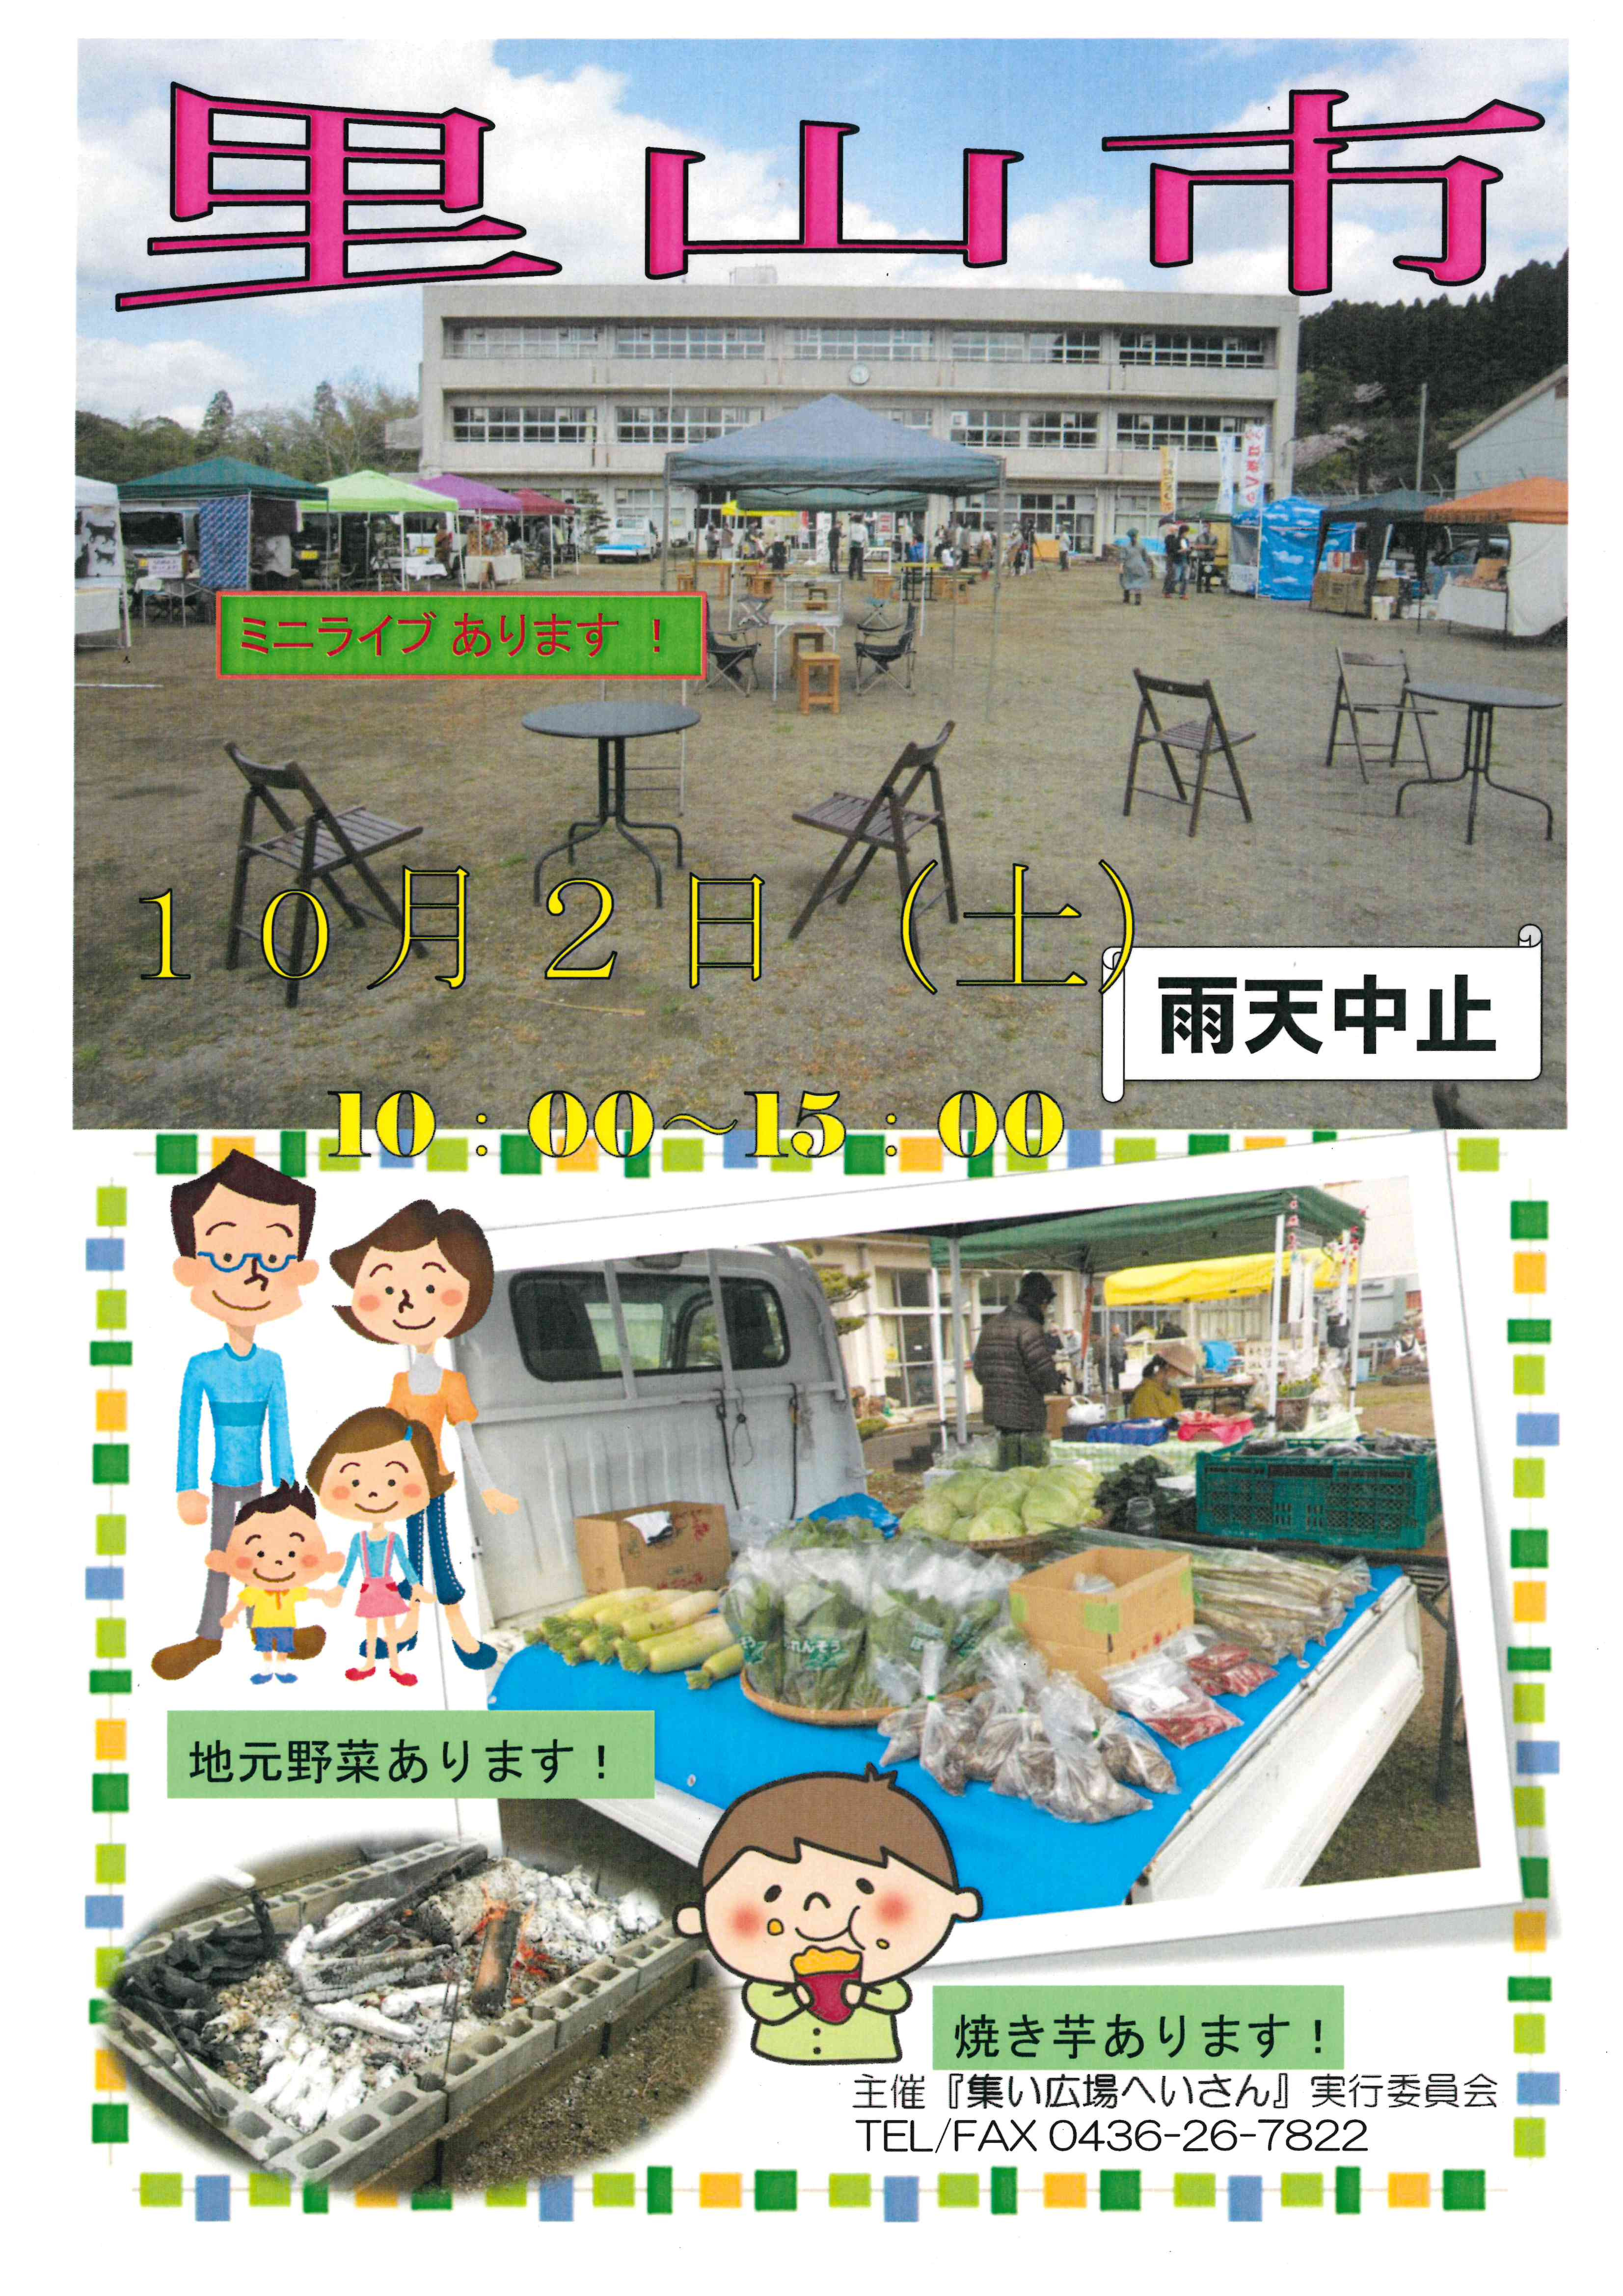 【10月2日㈯】里山市(マルシェ)を開催!